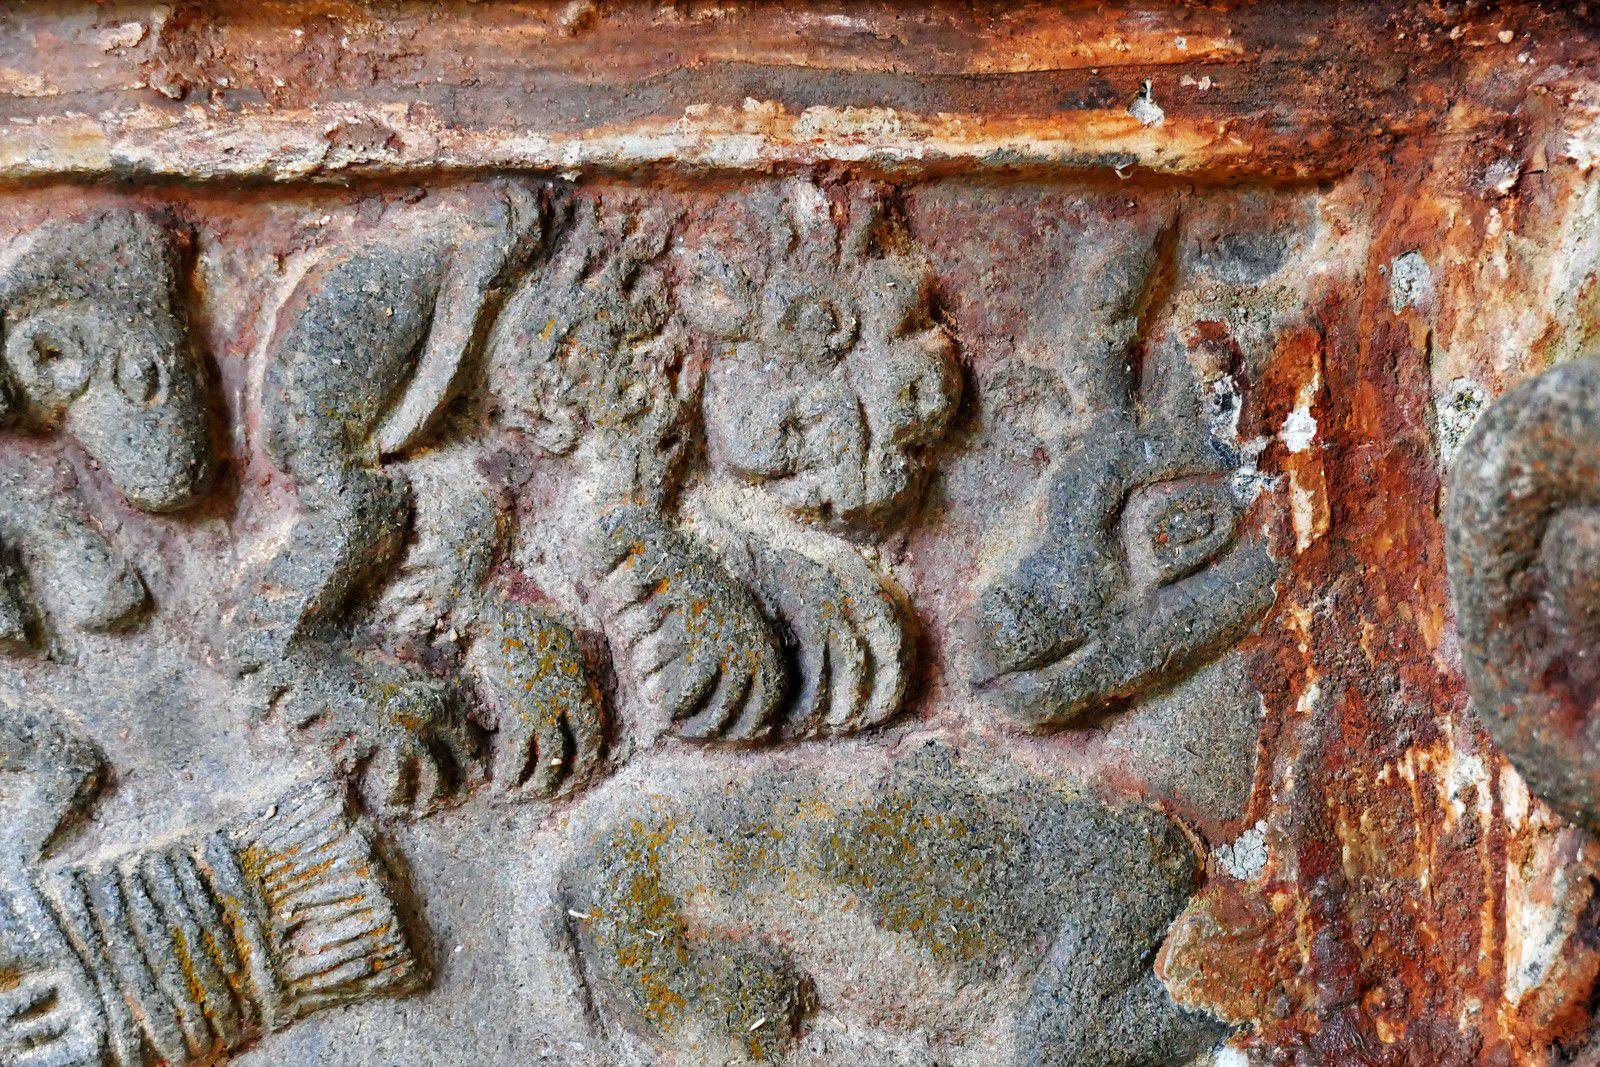 La frise (kersanton, traces de polychromie ocre, Valet  du Maître de Plougastel, 1606) du porche intérieur de Guimiliau.   Photographie lavieb-aile 2021.